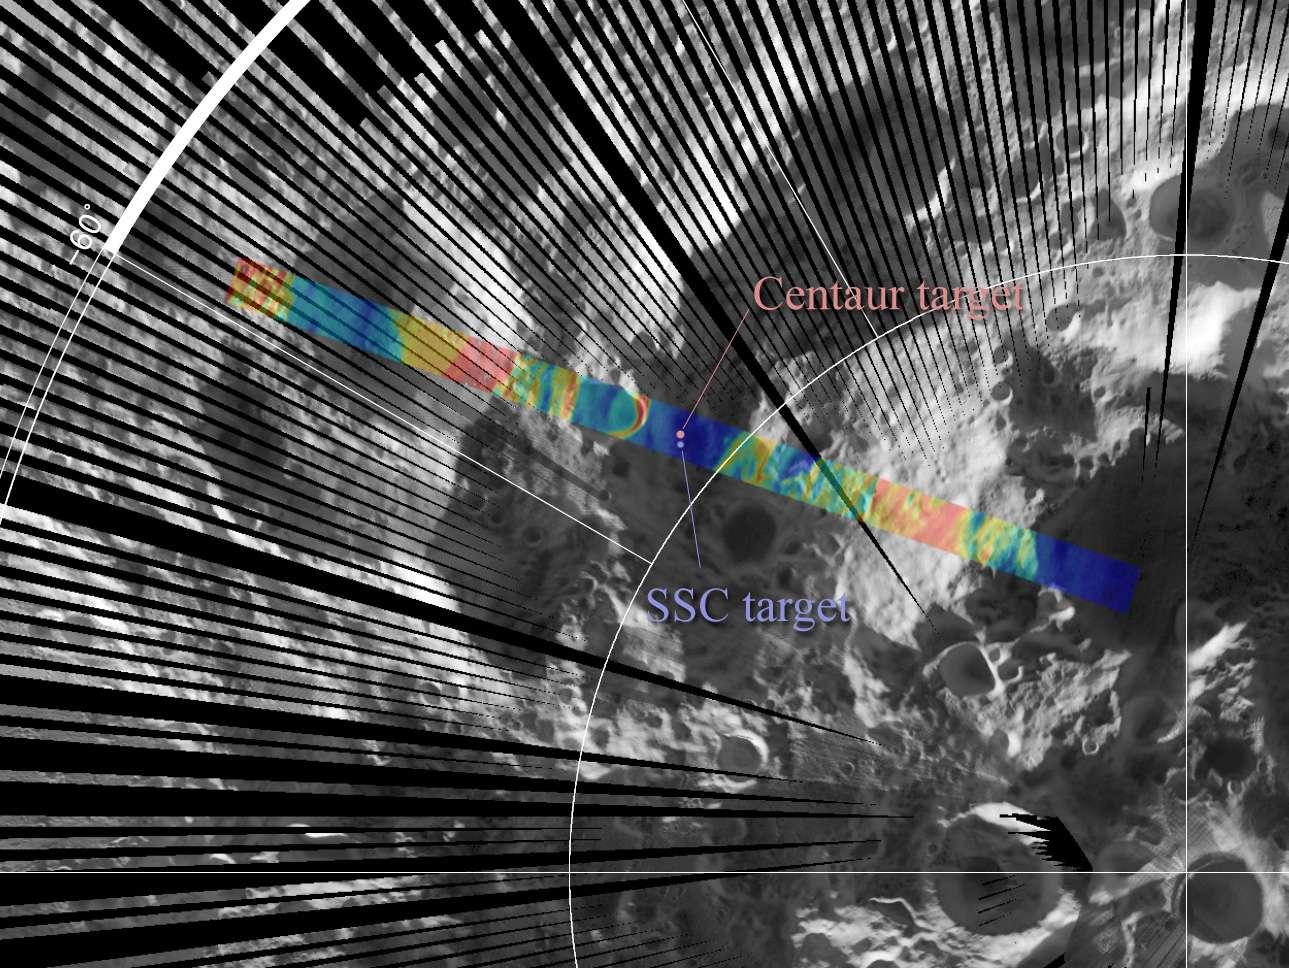 Une carte thermique du pôle sud, obtenue par l'instrument Diviner de la sonde LRO. Sont indiqués les sites d'impact de Centaur et de LCross (SSC pour Shepherding Spacecraft). Les mêmes mesures ont été effectuées avant et après les impacts. Les différences sont significatives et contiennent de nombreuses informations à décrypter. © Nasa/GSFC/Ucla